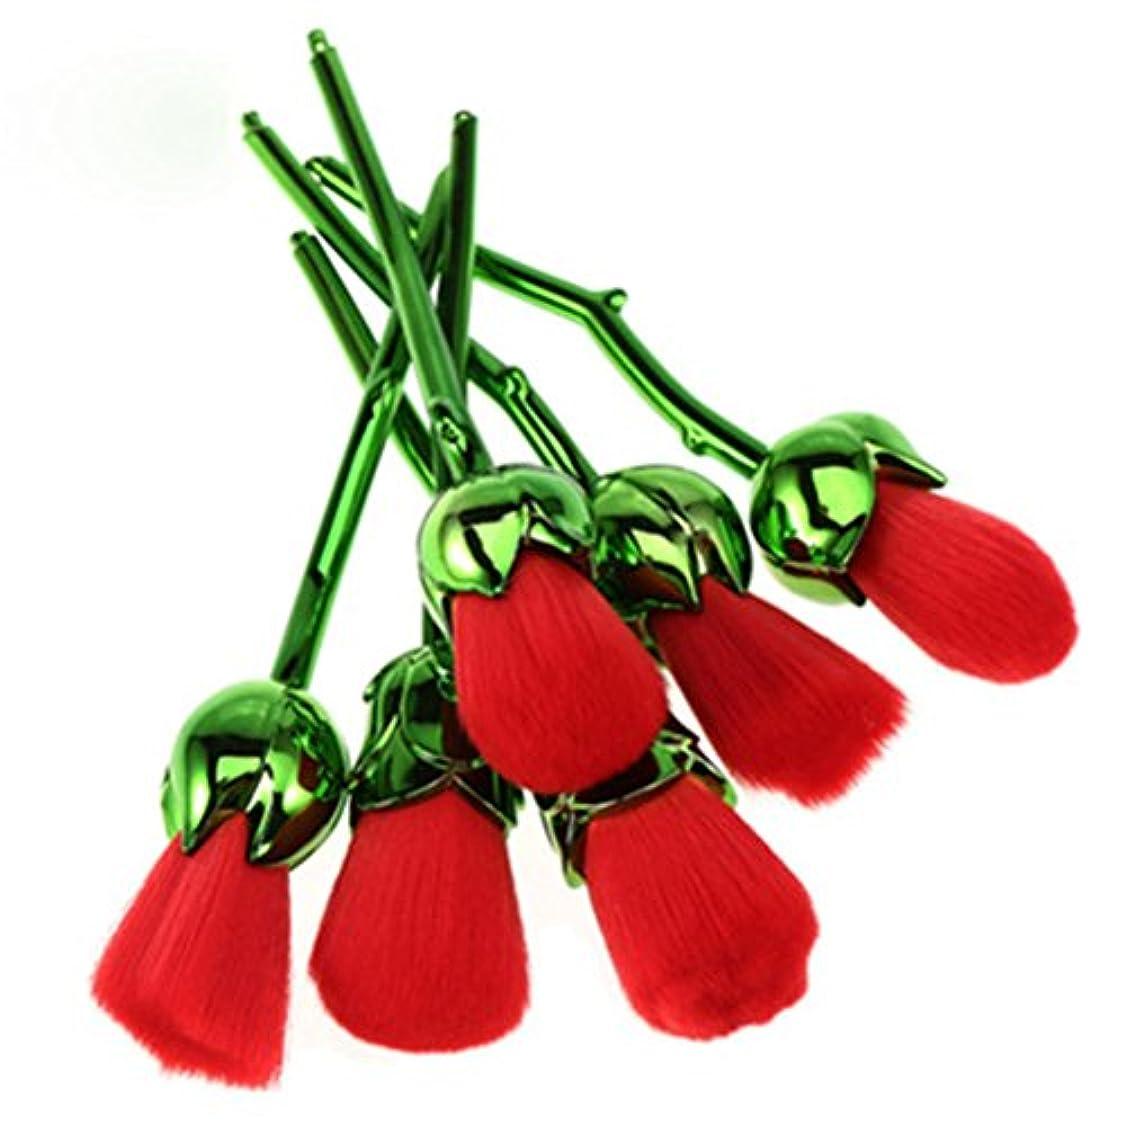 出撃者収益瀬戸際ディラビューティー(Dilla Beauty) メイクブラシ 薔薇 メイクブラシセット 人気 ファンデーションブラシ 化粧筆 可愛い 化粧ブラシ セット パウダーブラシ フェイスブラシ ローズ メイクブラシ 6本セット ケース付き (グリーン - レッド)